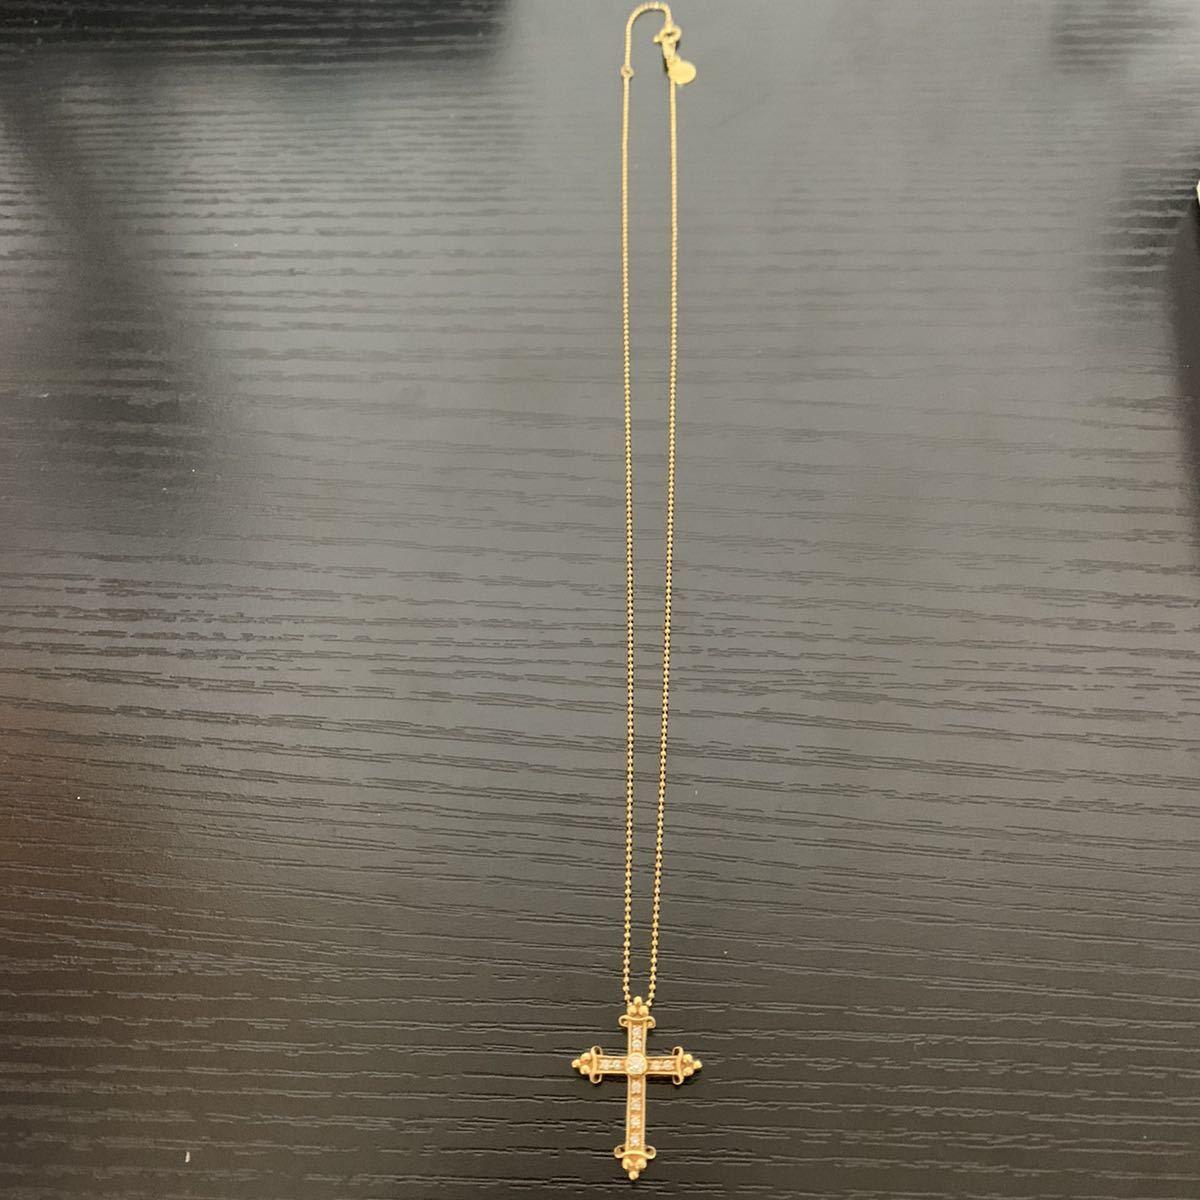 ジャスティンデイビス k18 ダイヤ ネックレス_画像1